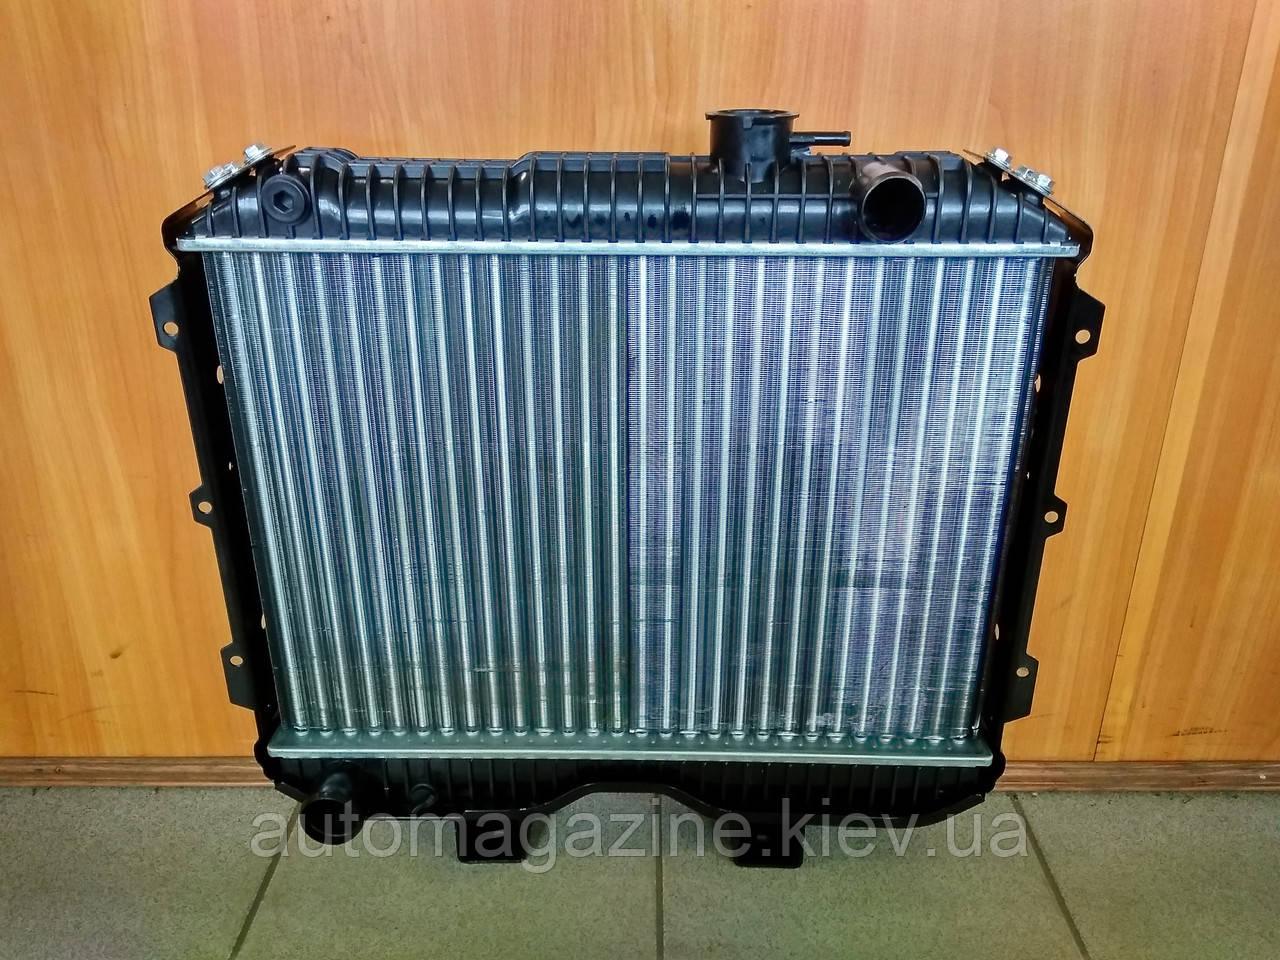 Радиатор охлаждения 3-х рядный УАЗ (алюминий)